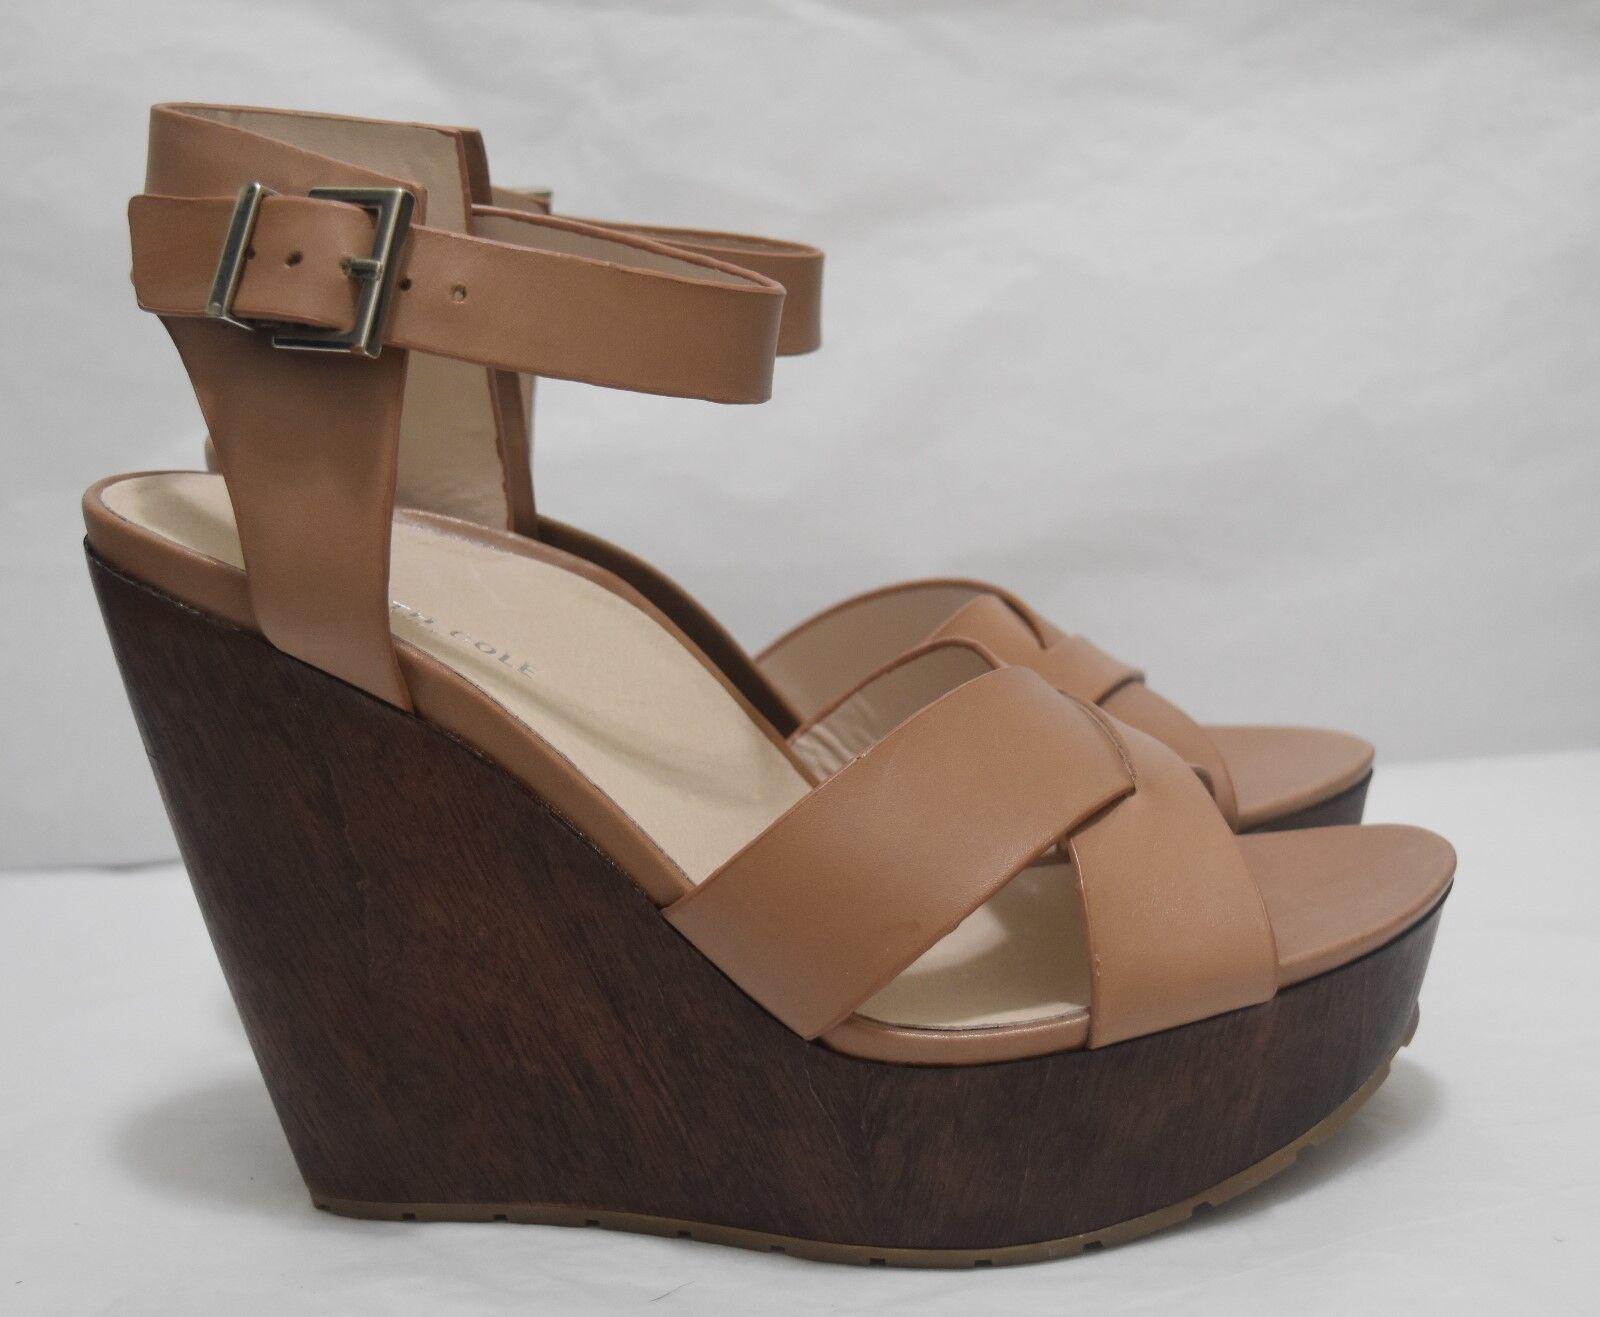 Kenneth Cole Cole Cole Mujer Zapatos Clavo de Olor Cuero Cuña, Talla 10 y 11, medio Tortora,  140  Mejor precio